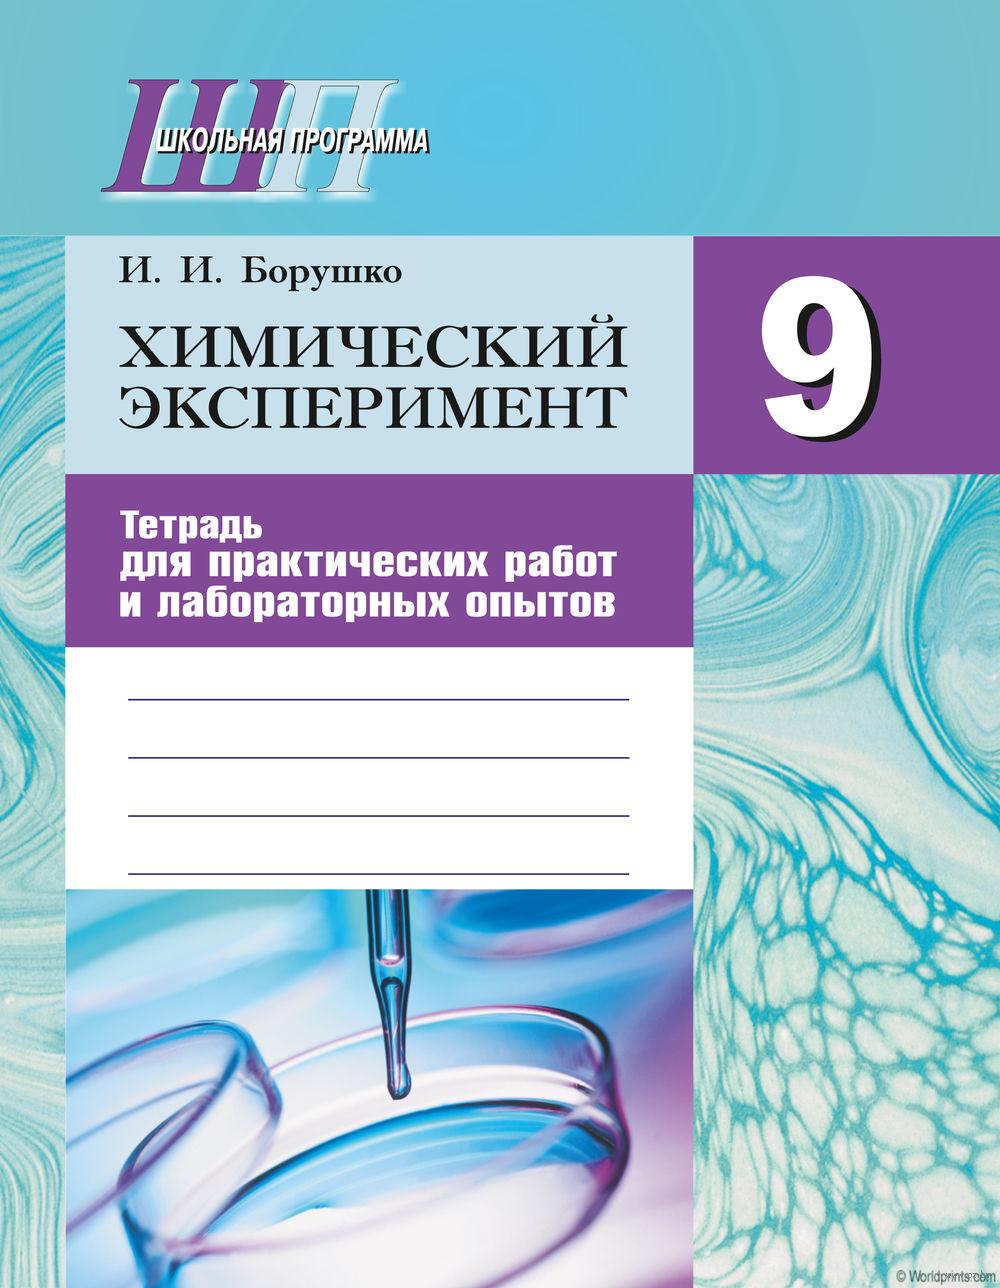 практические работы по биологии инструкция